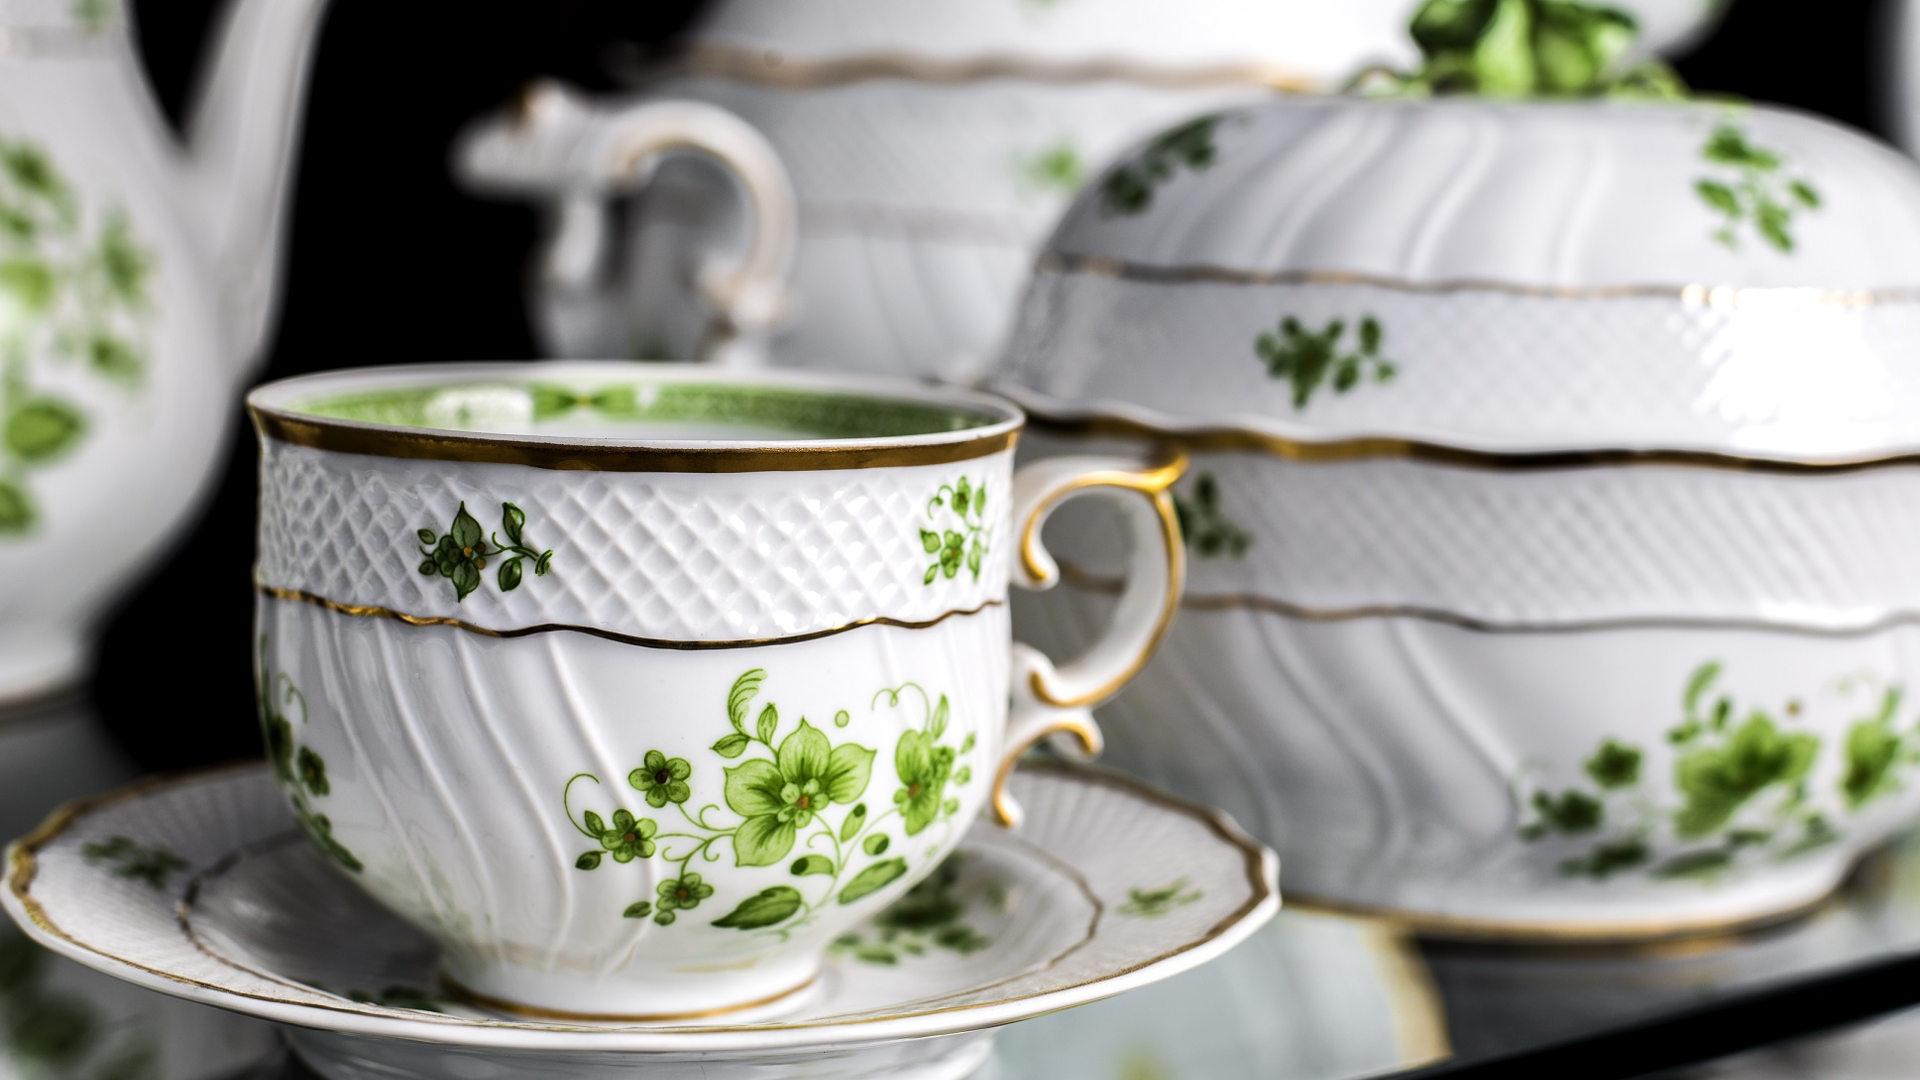 Hollóházi porcelán, porcelánmúzeum